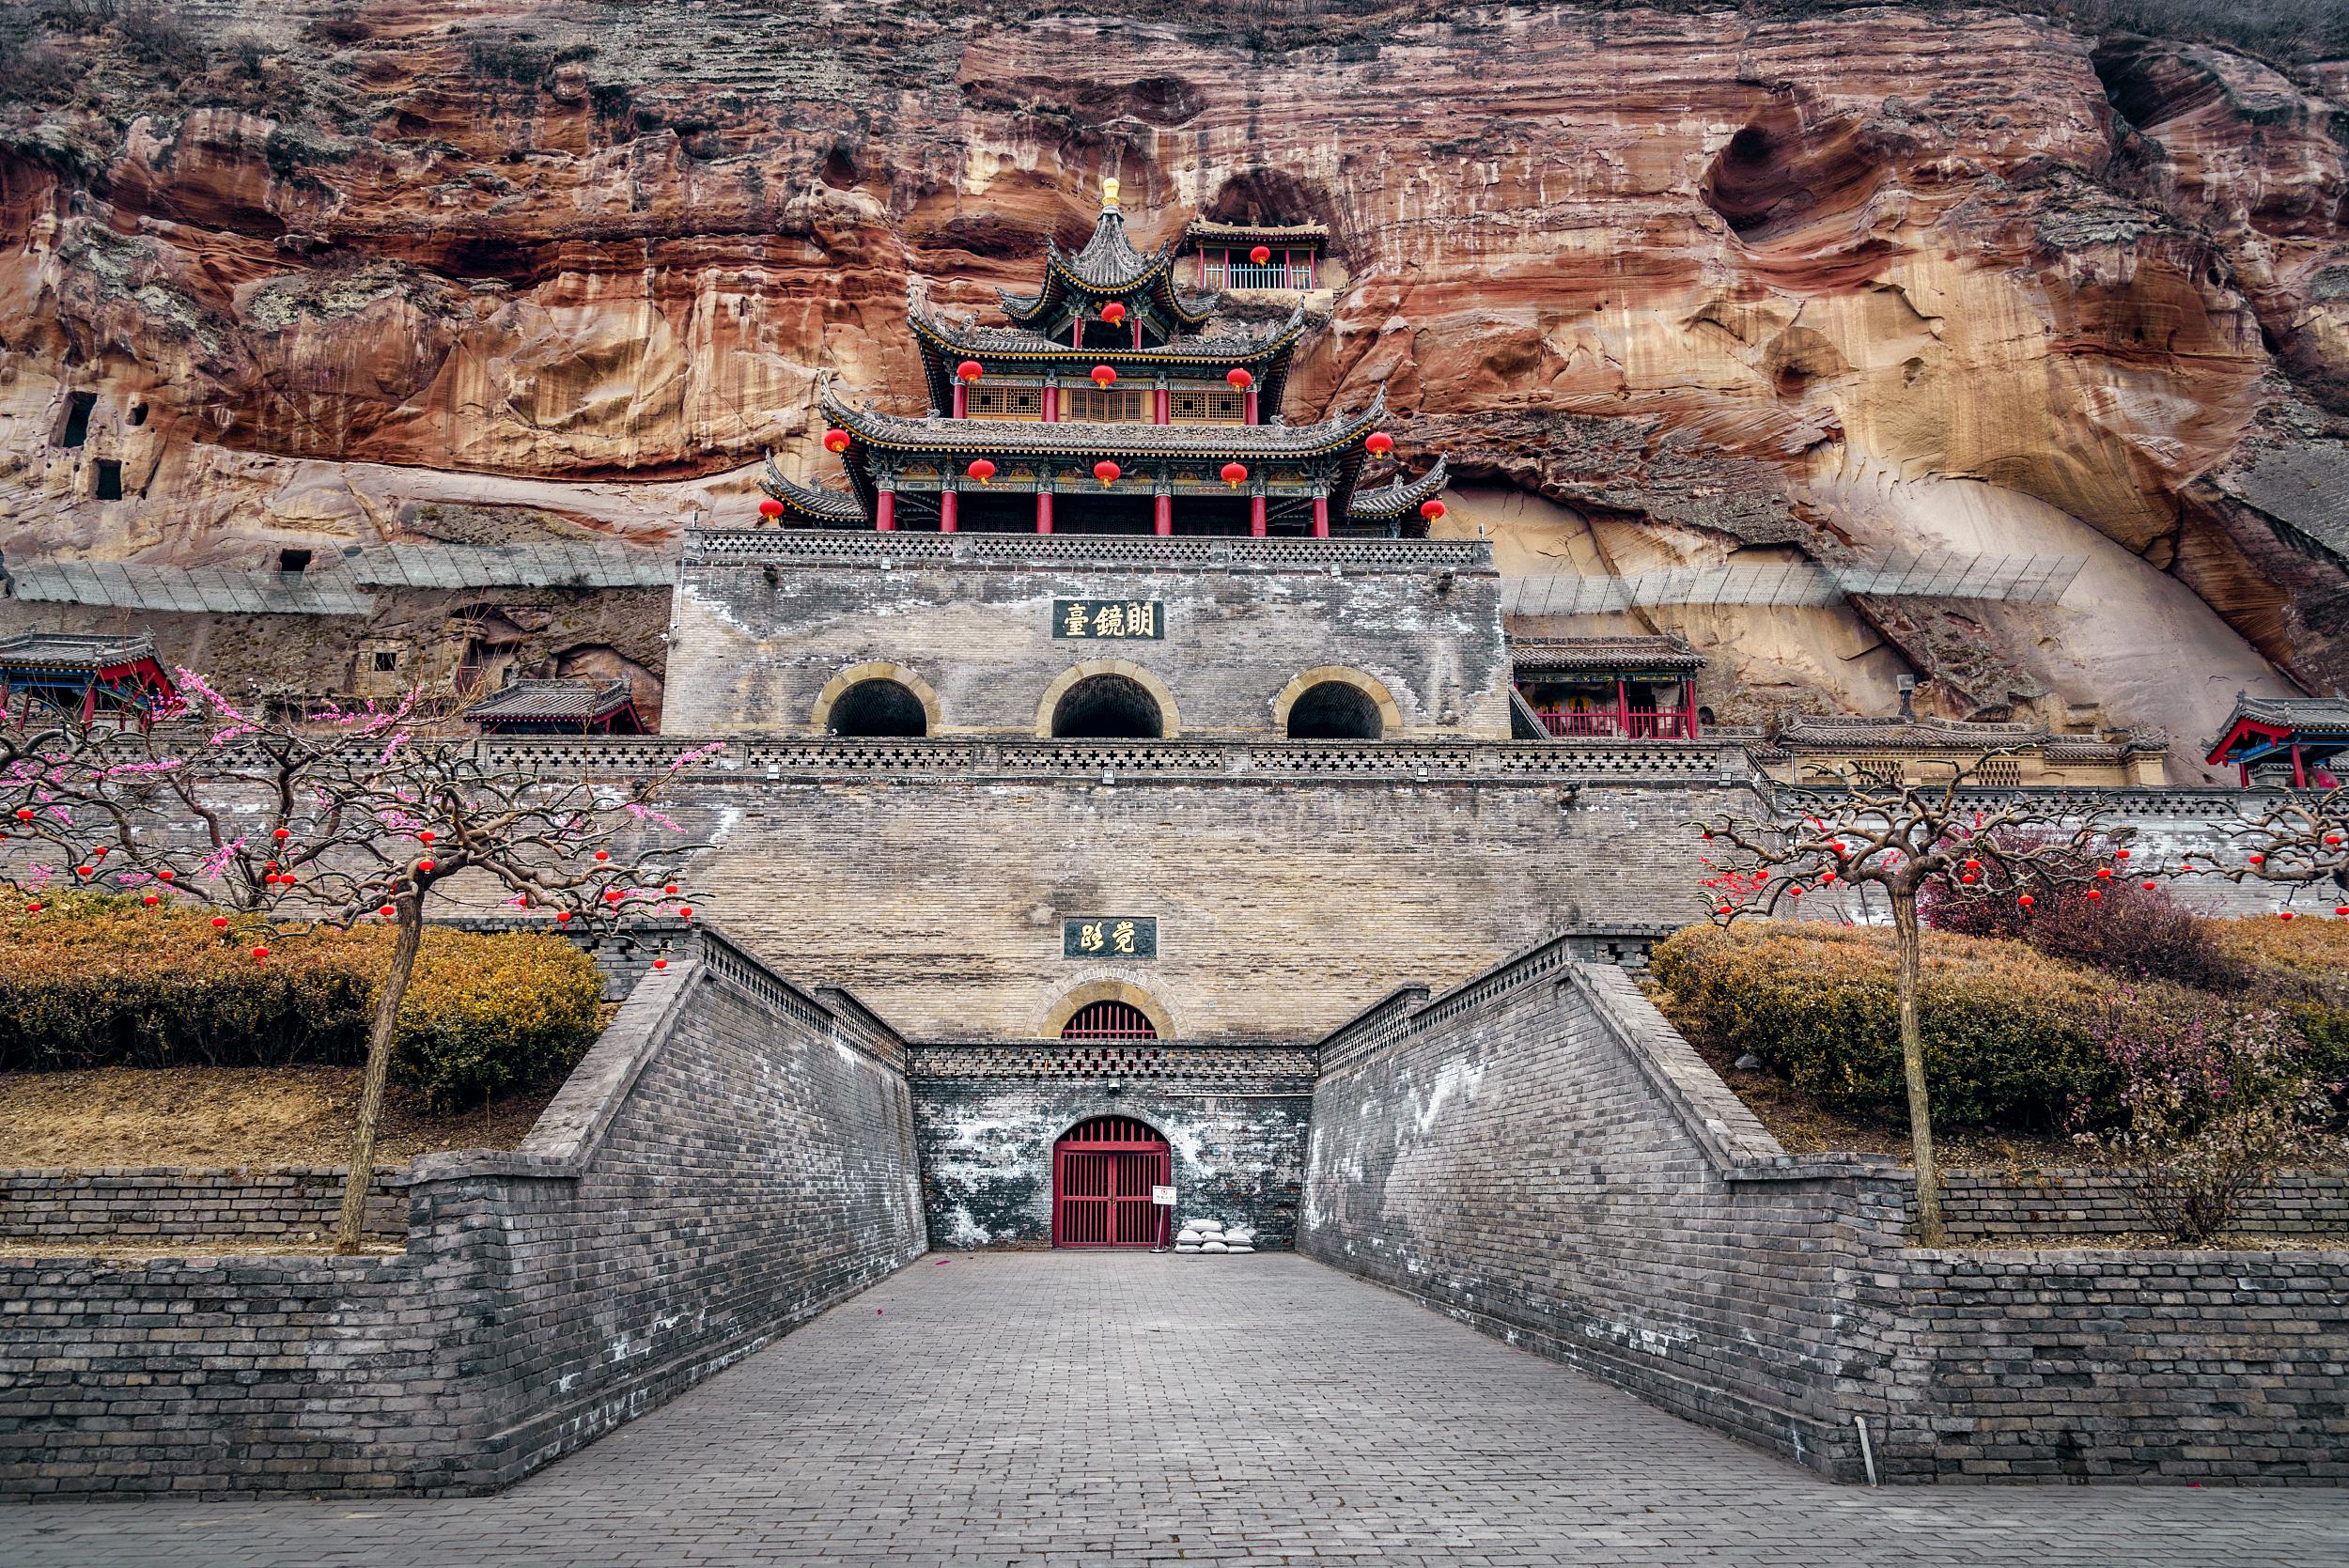 Xianyang Binxian County Grand Buddha Temple